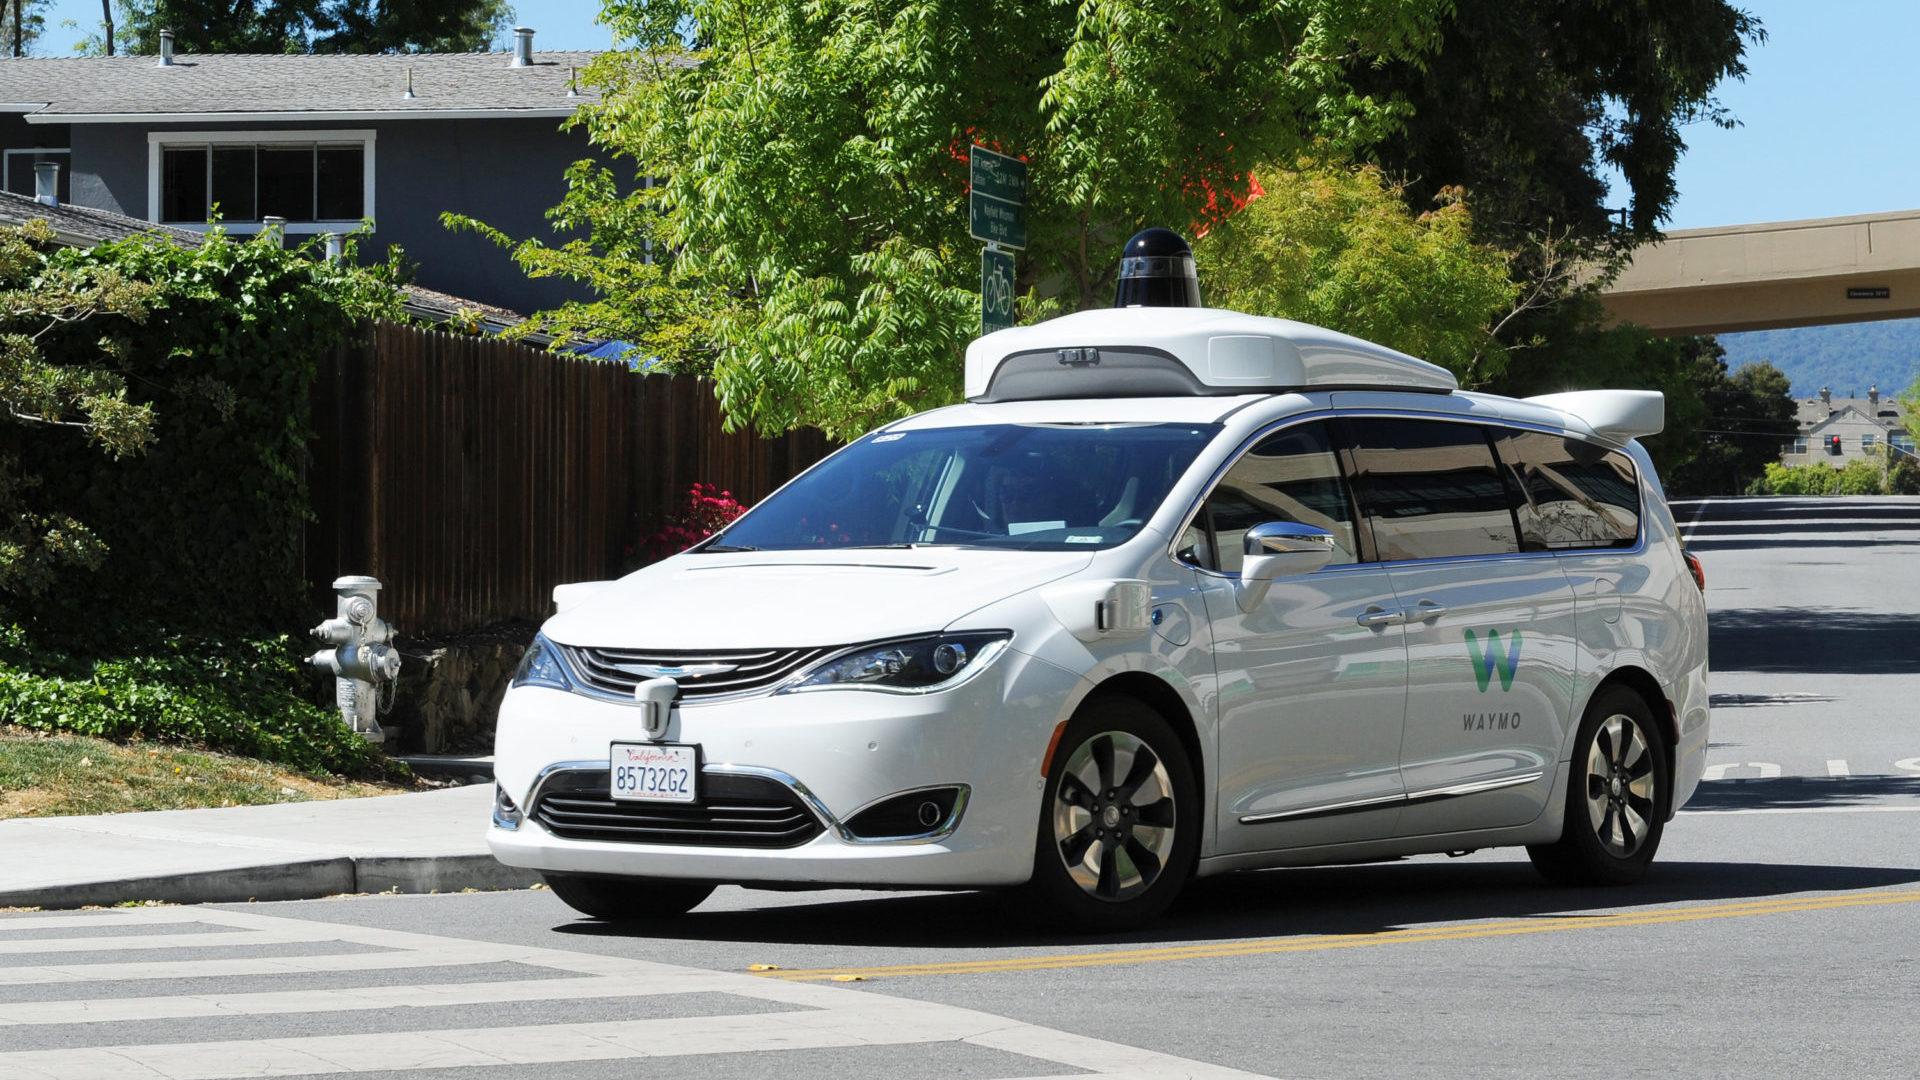 Ein selbstfahrendes Auto der Google-Schwesterfirma Waymo ist auf einer Testfahrt unterwegs. | Foto: Andrej Sokolow/dpa